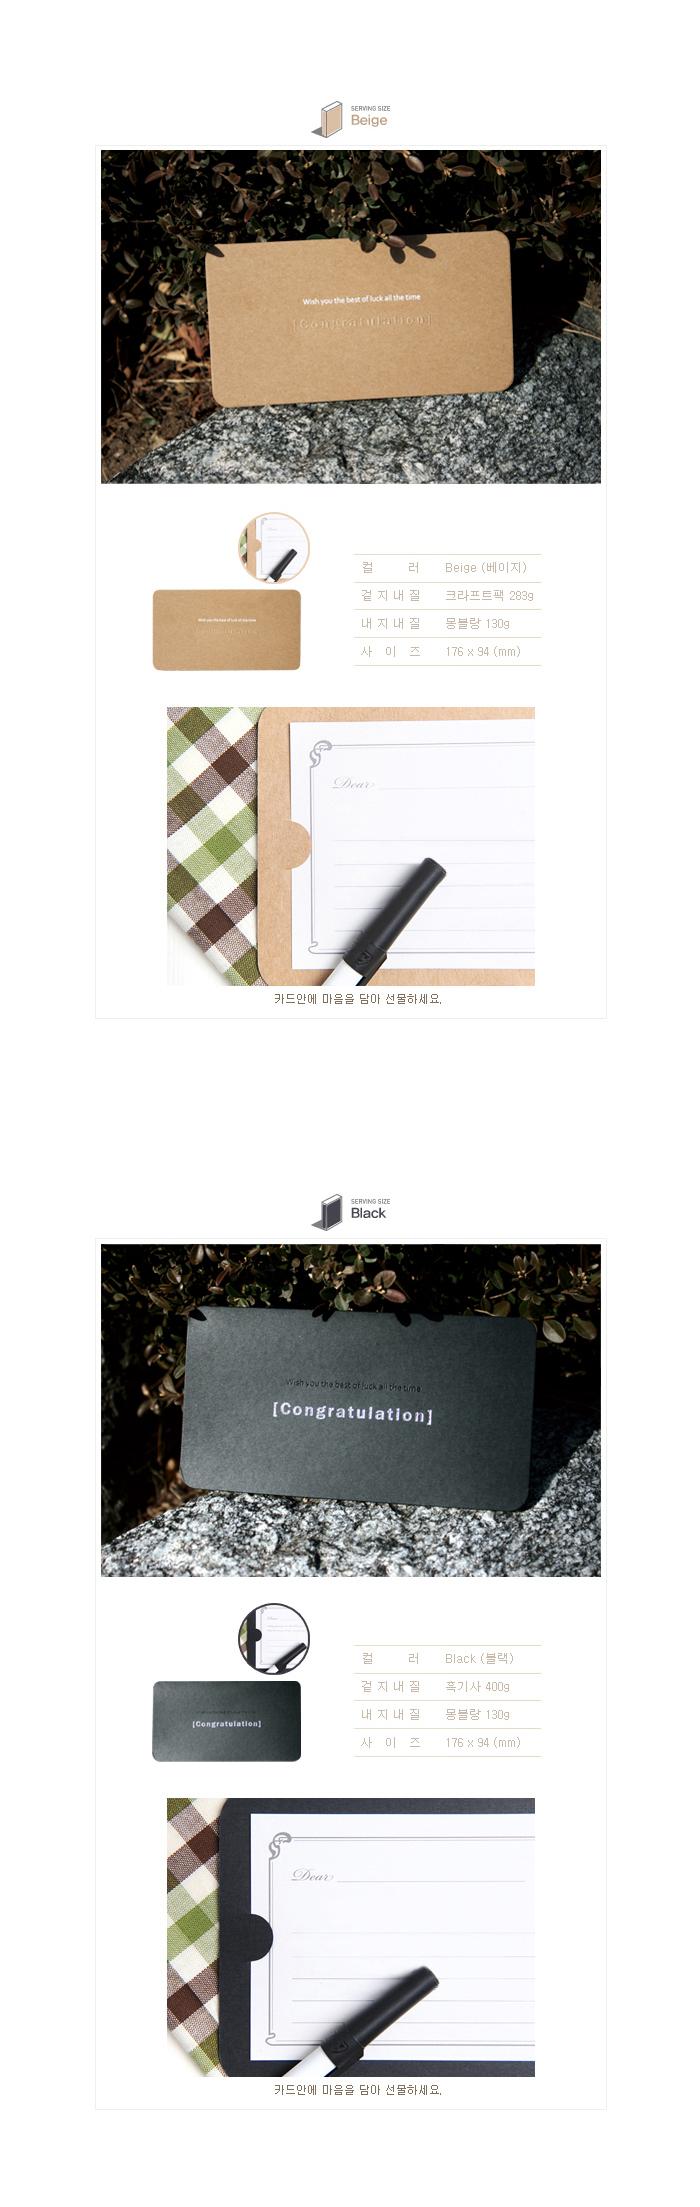 축하카드 - 제이스디자인, 2,000원, 카드, 축하 카드